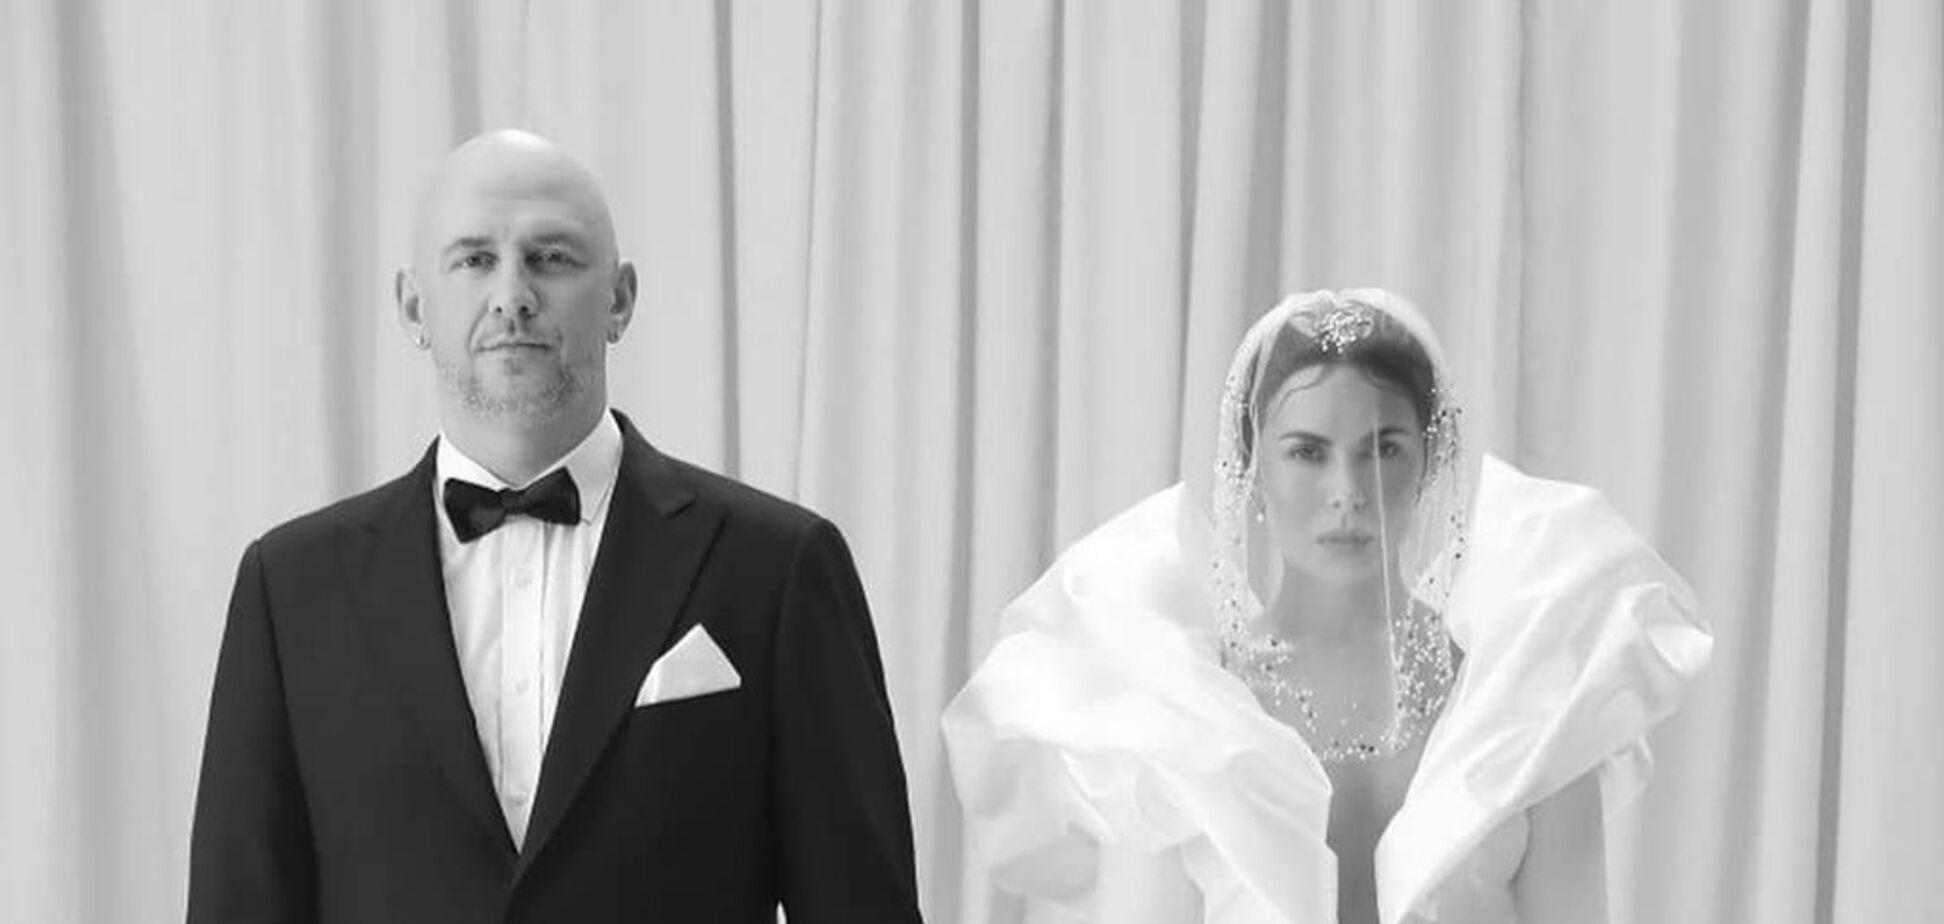 Свадьба Потапа и Каменских: как развивались отношения звездной пары